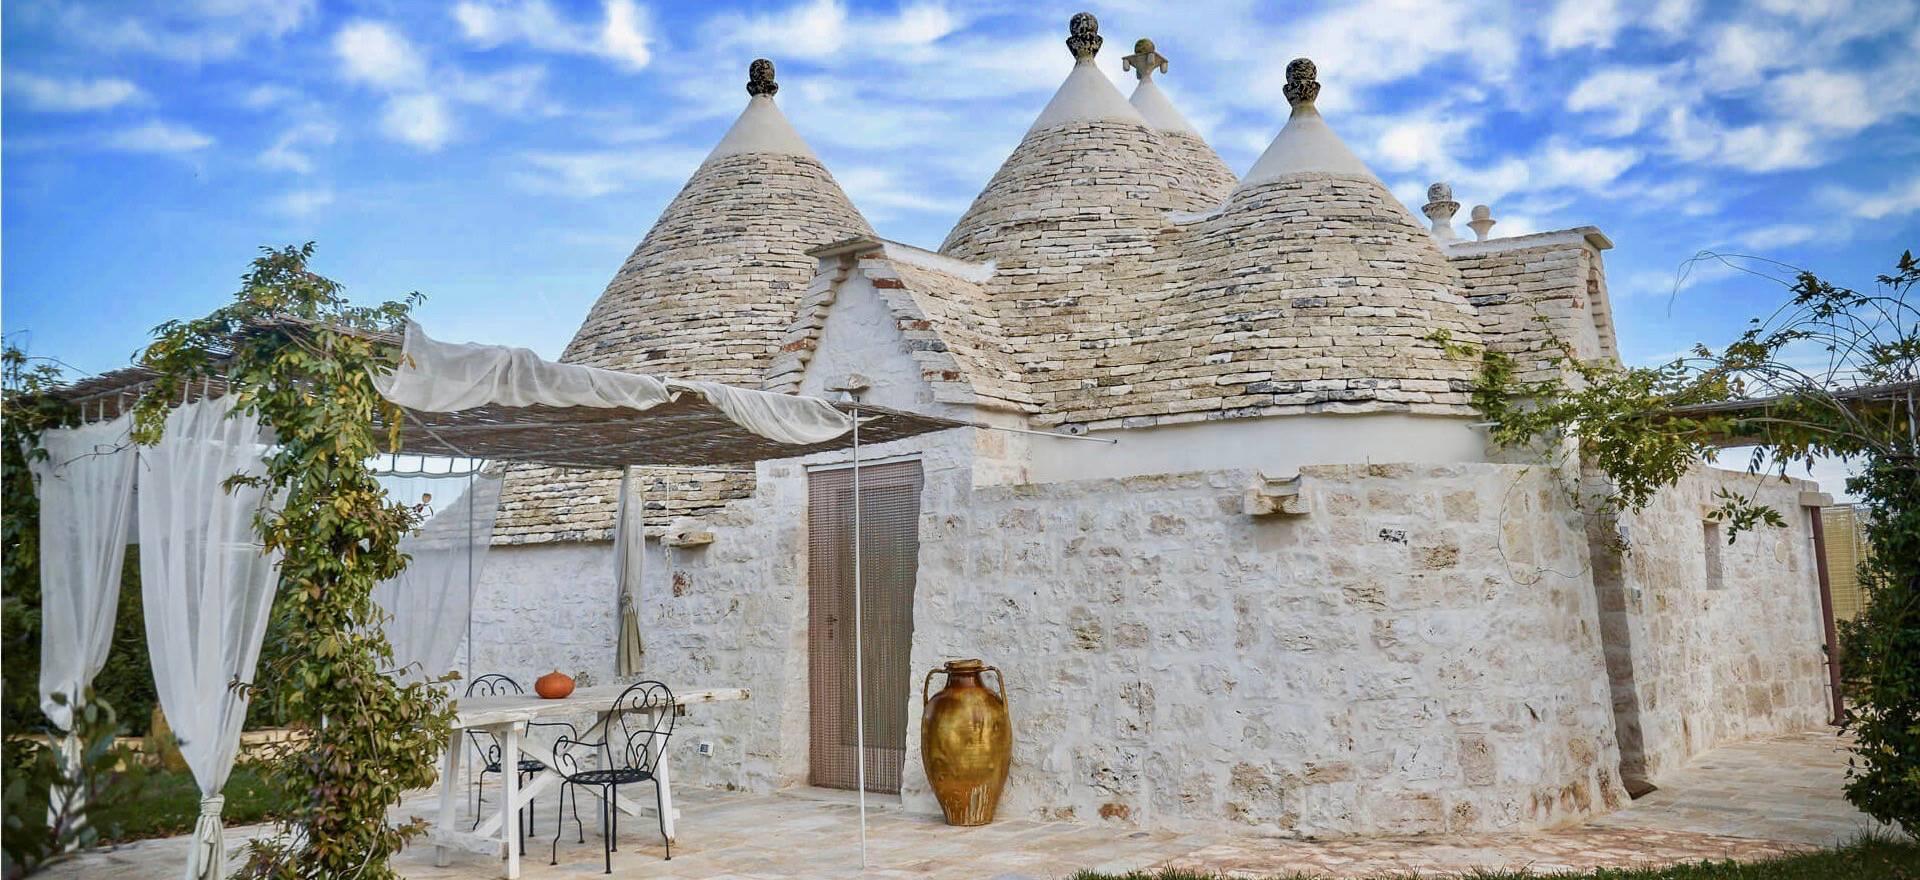 Agriturismo Apulien Süditalienischen Gastfreundschaft in schönen Trulli